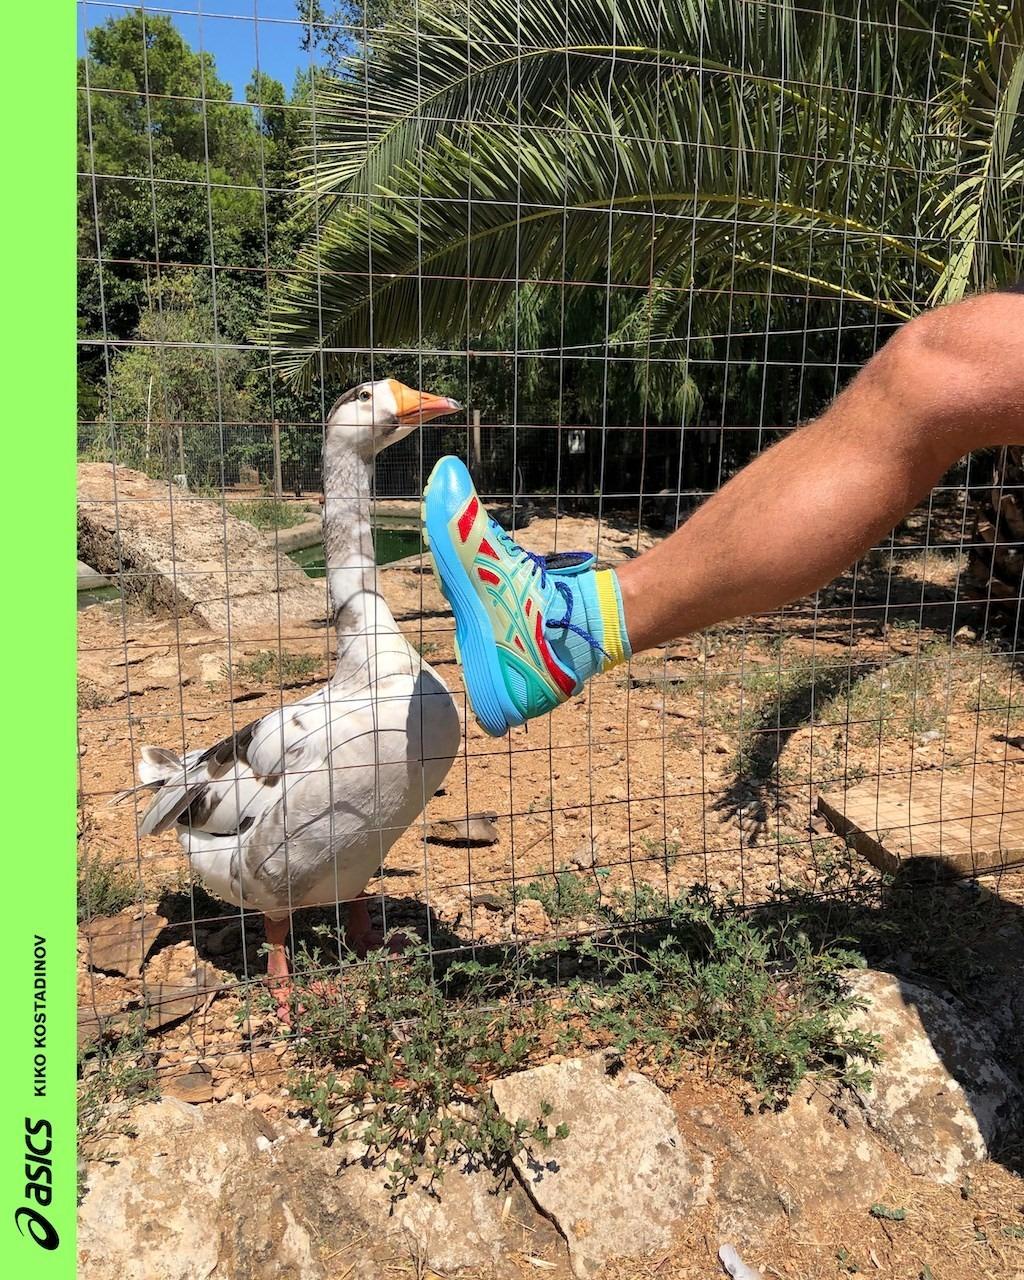 Jürgen Teller protagoniza la nueva campaña de zapatillas de Kiko Kostadinov x ASICS